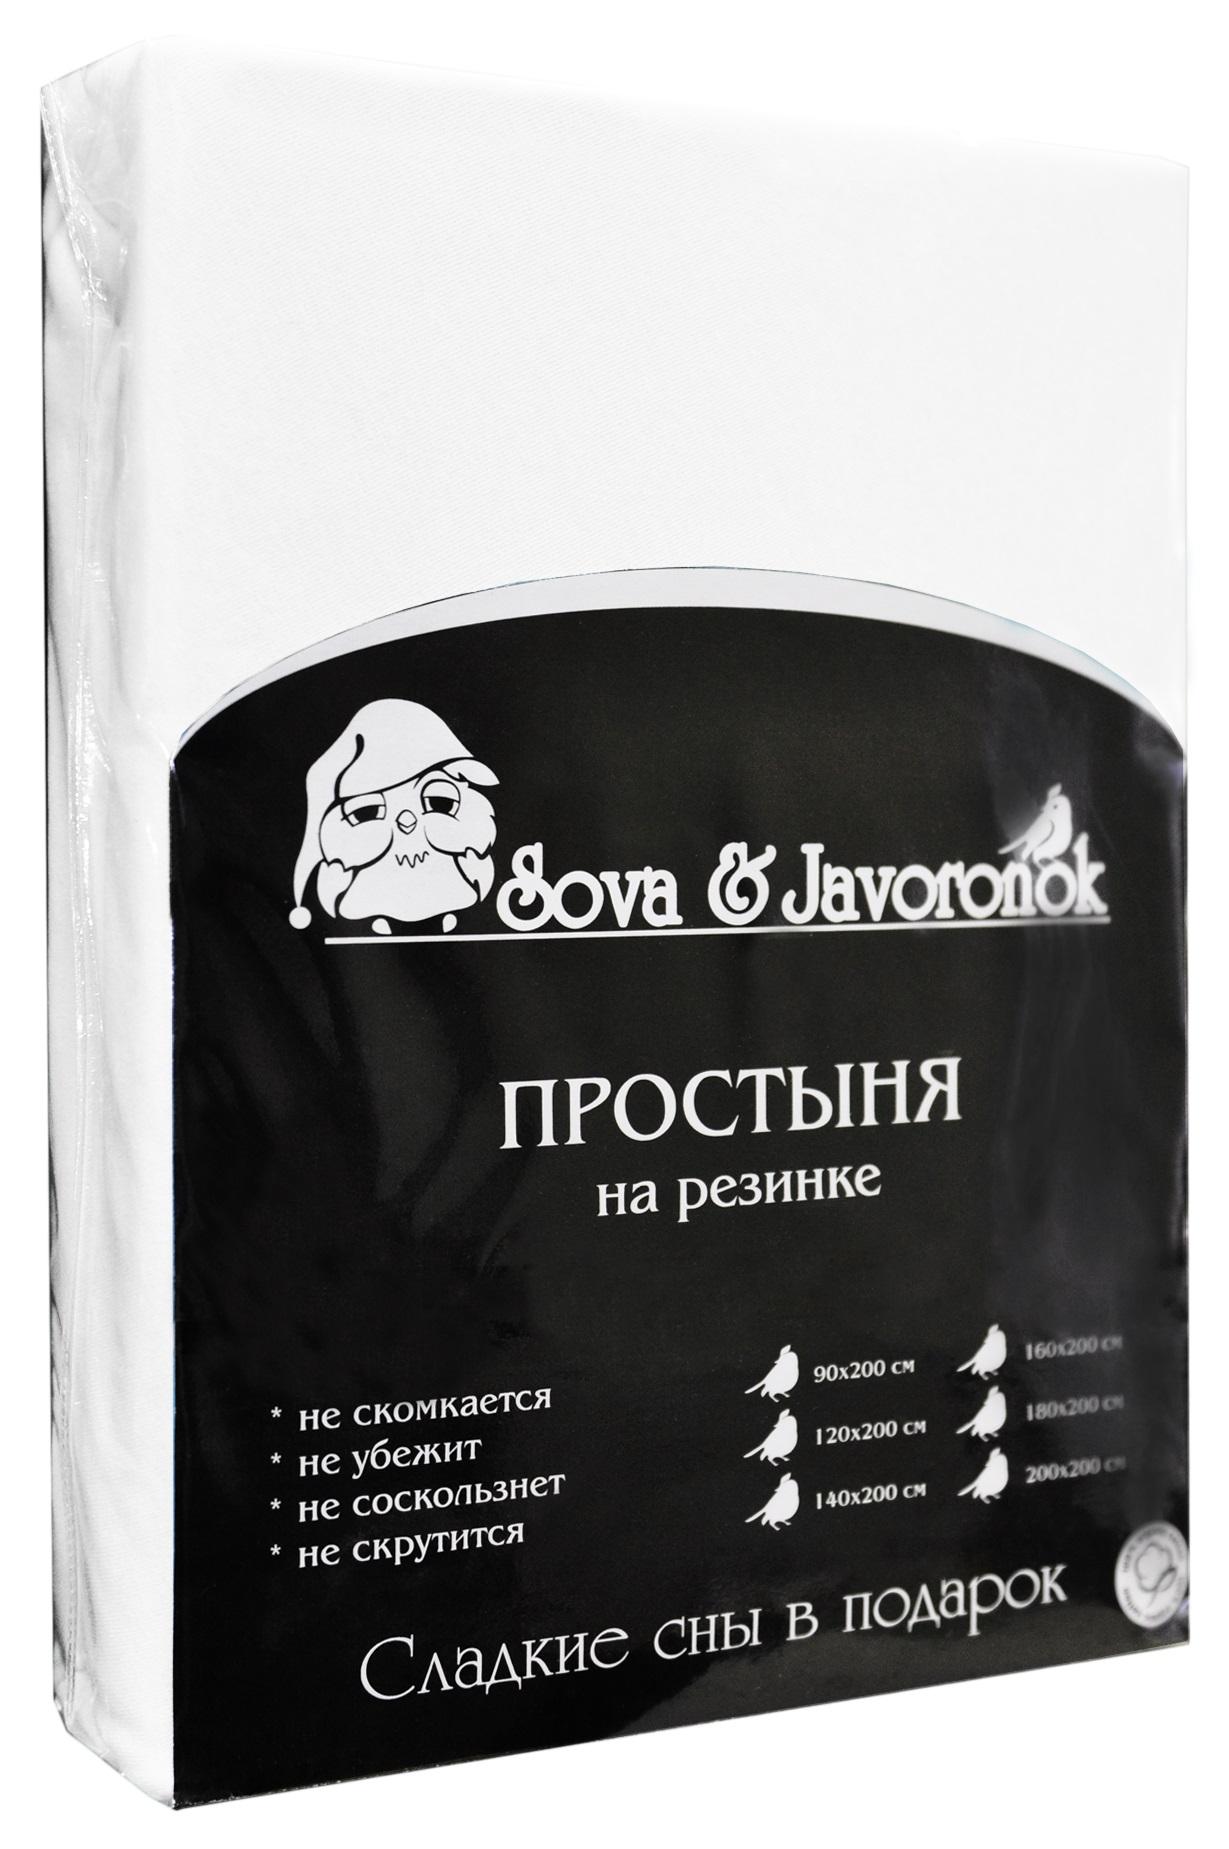 Простыня на резинке Sova & Javoronok, цвет: белый, 180 х 200 см8812Простыня на резинке Sova & Javoronok, изготовленная из трикотажной ткани (100% хлопок), будет превосходно смотреться с любыми комплектами белья. Хлопчатобумажный трикотаж по праву считается одним из самых качественных, прочных и при этом приятных на ощупь. Его гигиеничность позволяет использовать простыню и в детских комнатах, к тому же 100%-ый хлопок в составе ткани не вызовет аллергии. У трикотажного полотна очень интересная структура, немного рыхлая за счет отсутствия плотного переплетения нитей и наличия особых петель, благодаря этому простыня Сова и Жаворонок отлично пропускает воздух и способствует его постоянной циркуляции. Поэтому ваша постель будет всегда оставаться свежей. Но главное и, пожалуй, самое известное свойство трикотажа - это его великолепная растяжимость, поэтому эта ткань и была выбрана для натяжной простыни на резинке.Простыня прошита резинкой по всему периметру, что обеспечивает более комфортный отдых, так как она прочно удерживается на матрасе и избавляет от необходимости часто поправлять простыню.